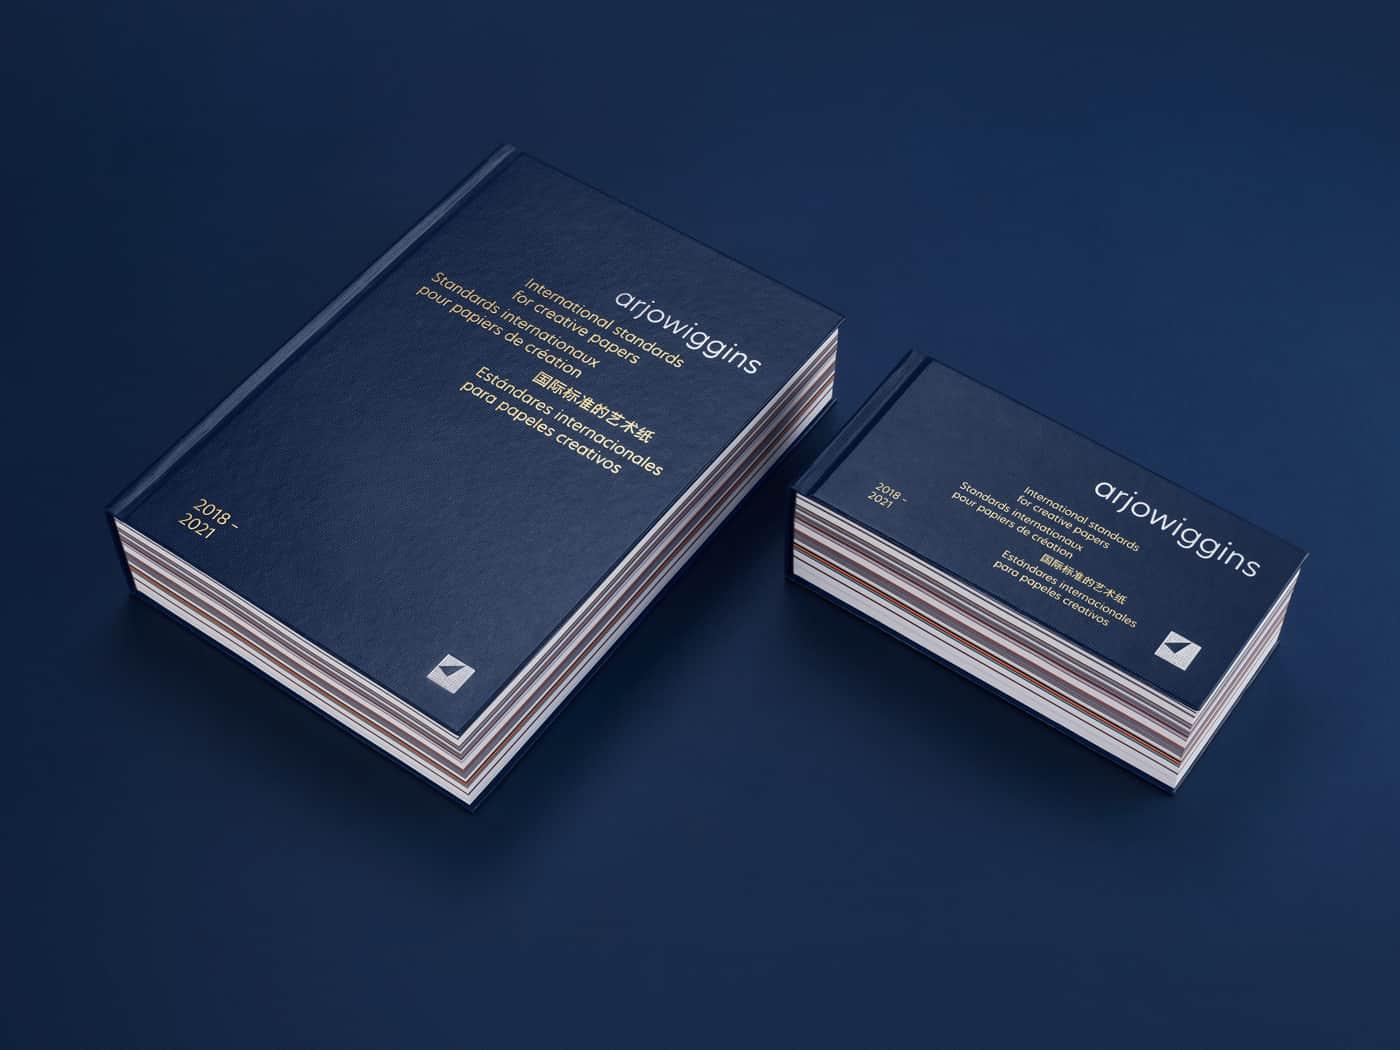 Le nuove carte Arjowiggins con The Paper Book 2018-2021.